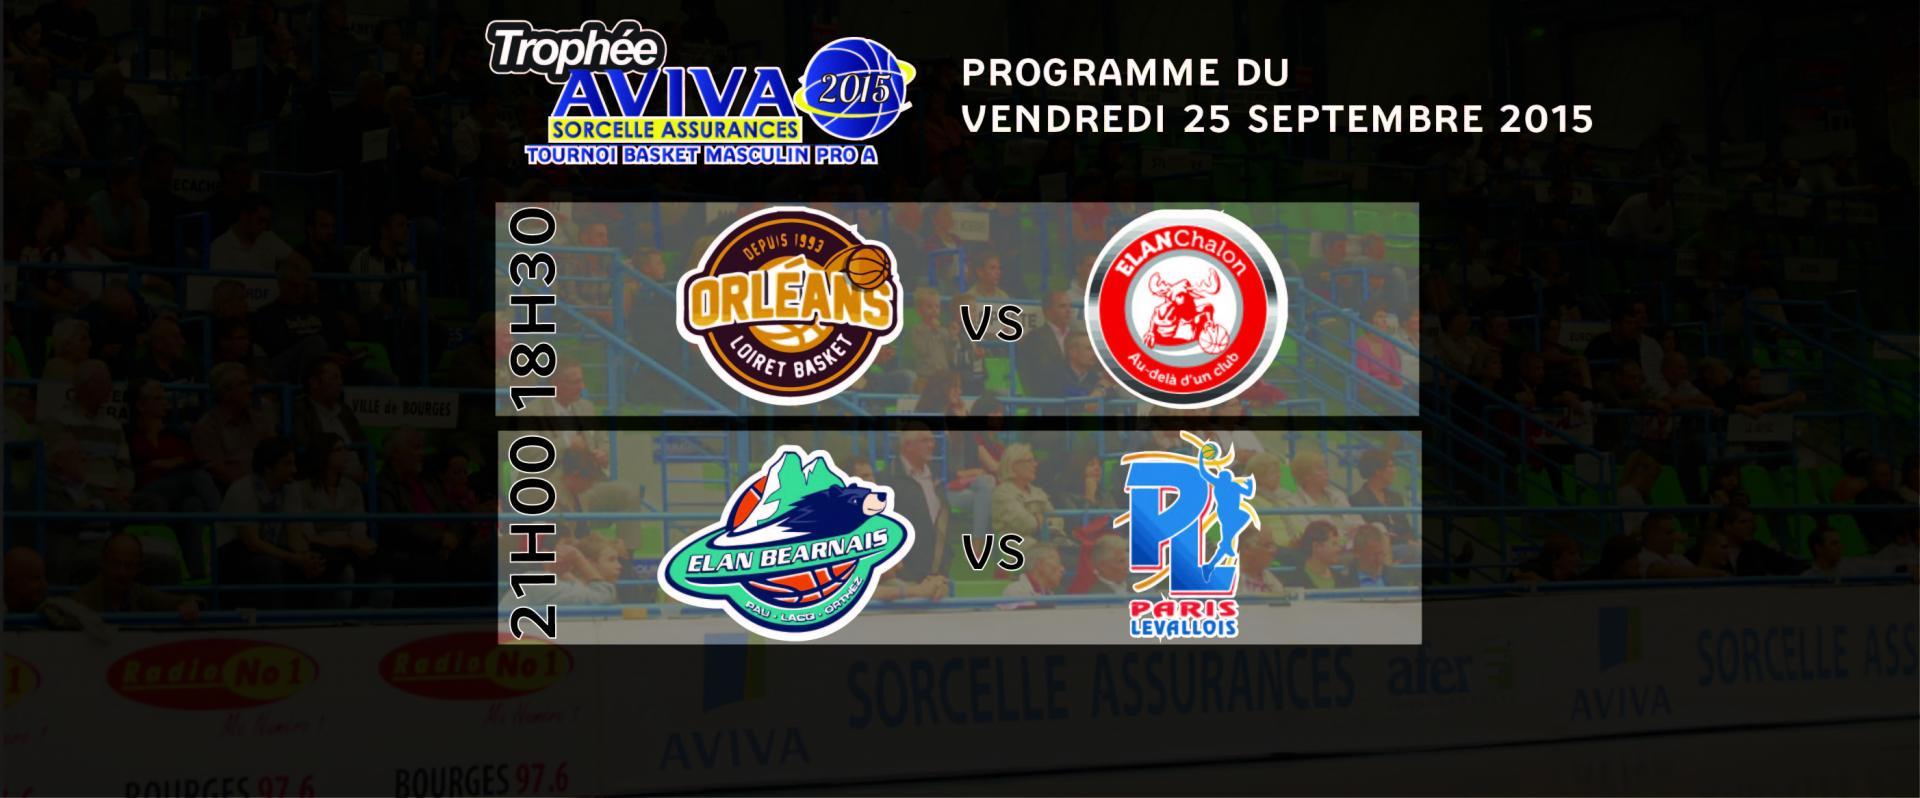 Programme du 25 septembre 2015